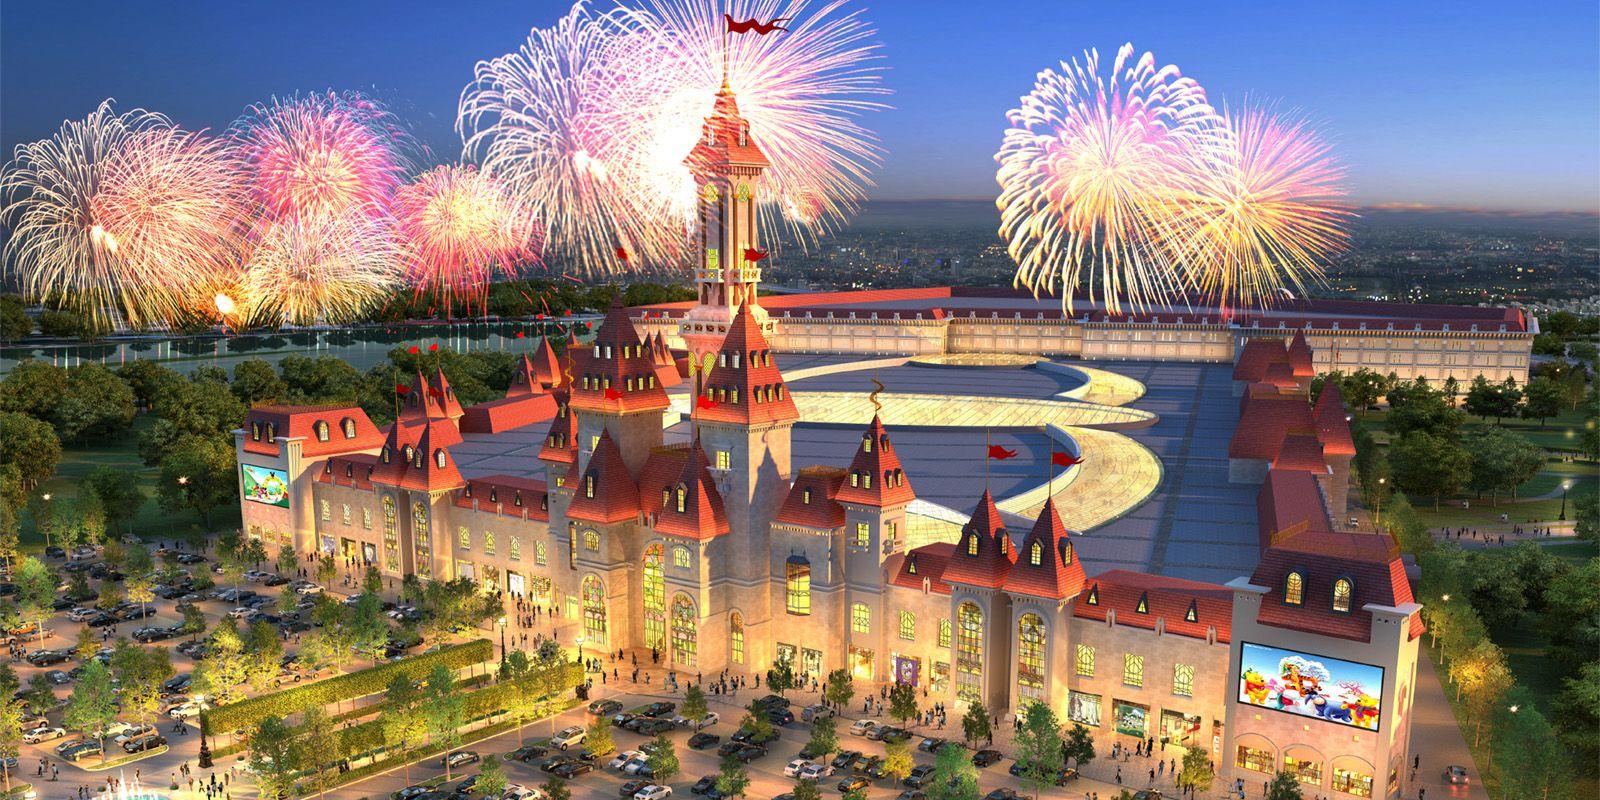 Экстремальный «Храм огня» появился в парке «Остров мечты» на юге Москвы